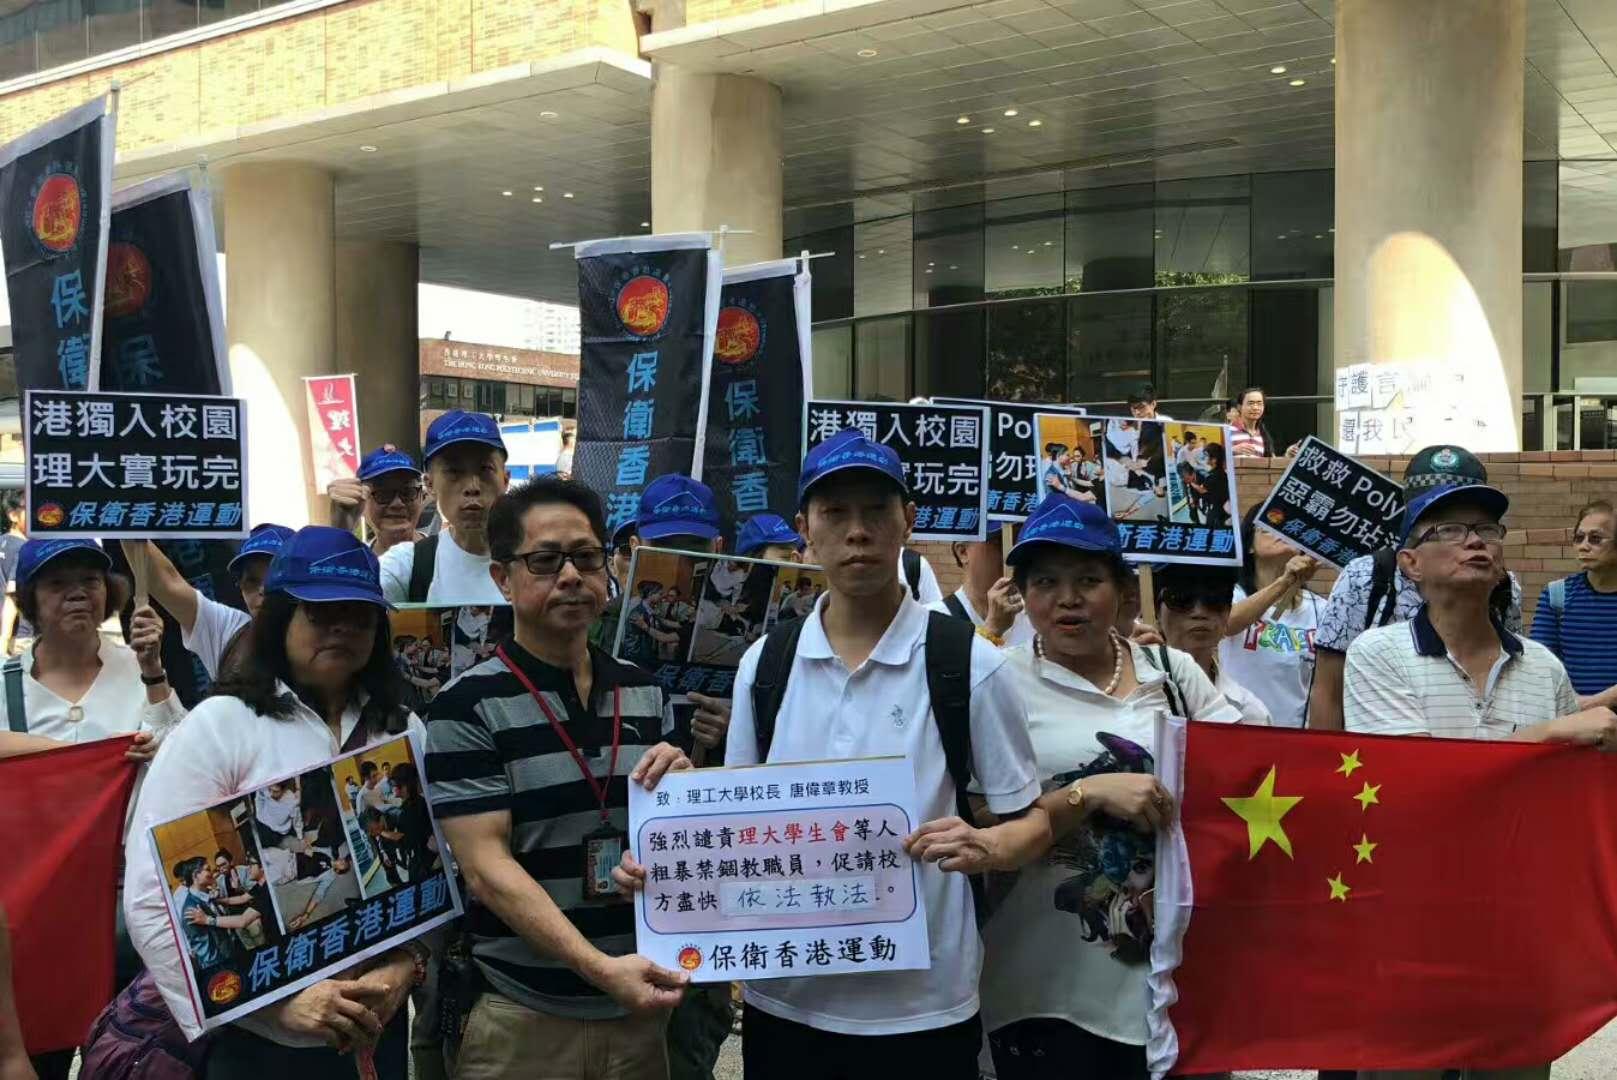 團體遊行抗議理大學生會暴力行為 冀校方阻止「港獨」進入校園